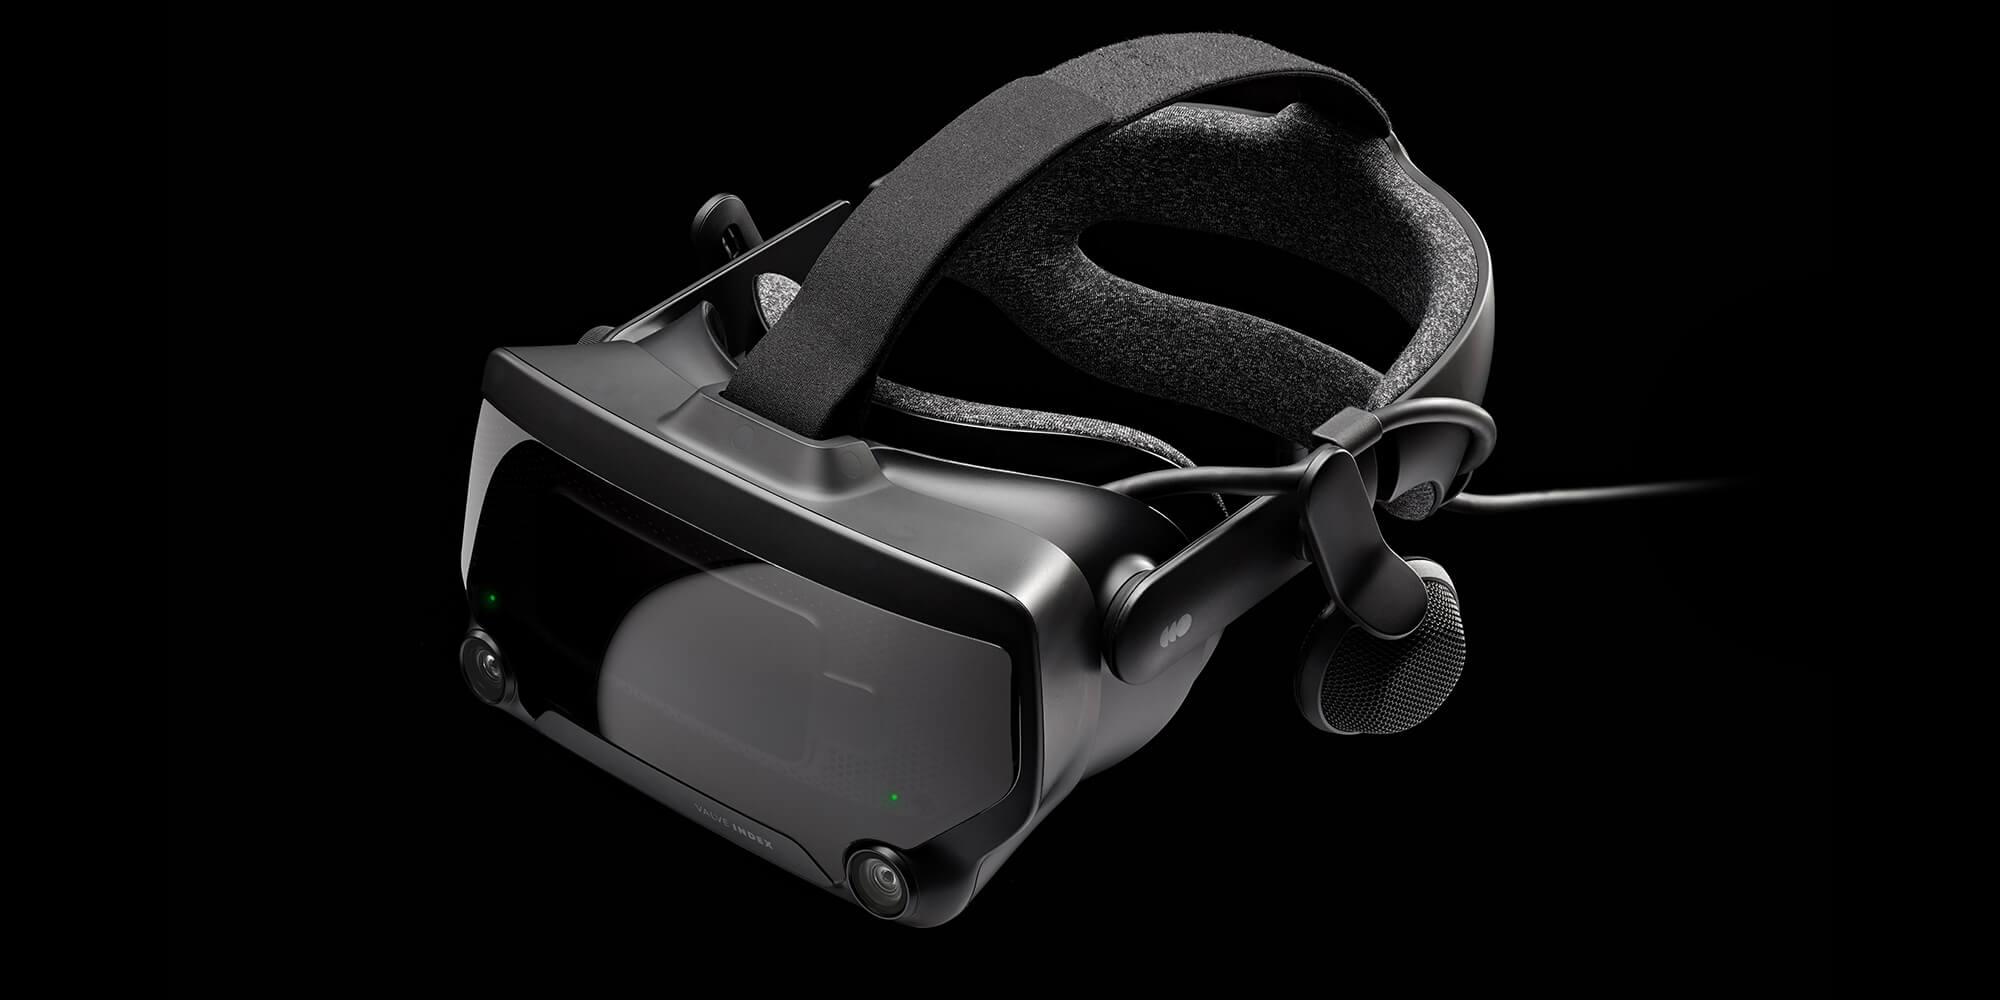 Официально: Подробности, цена и дата выхода VR-шлема Valve Index